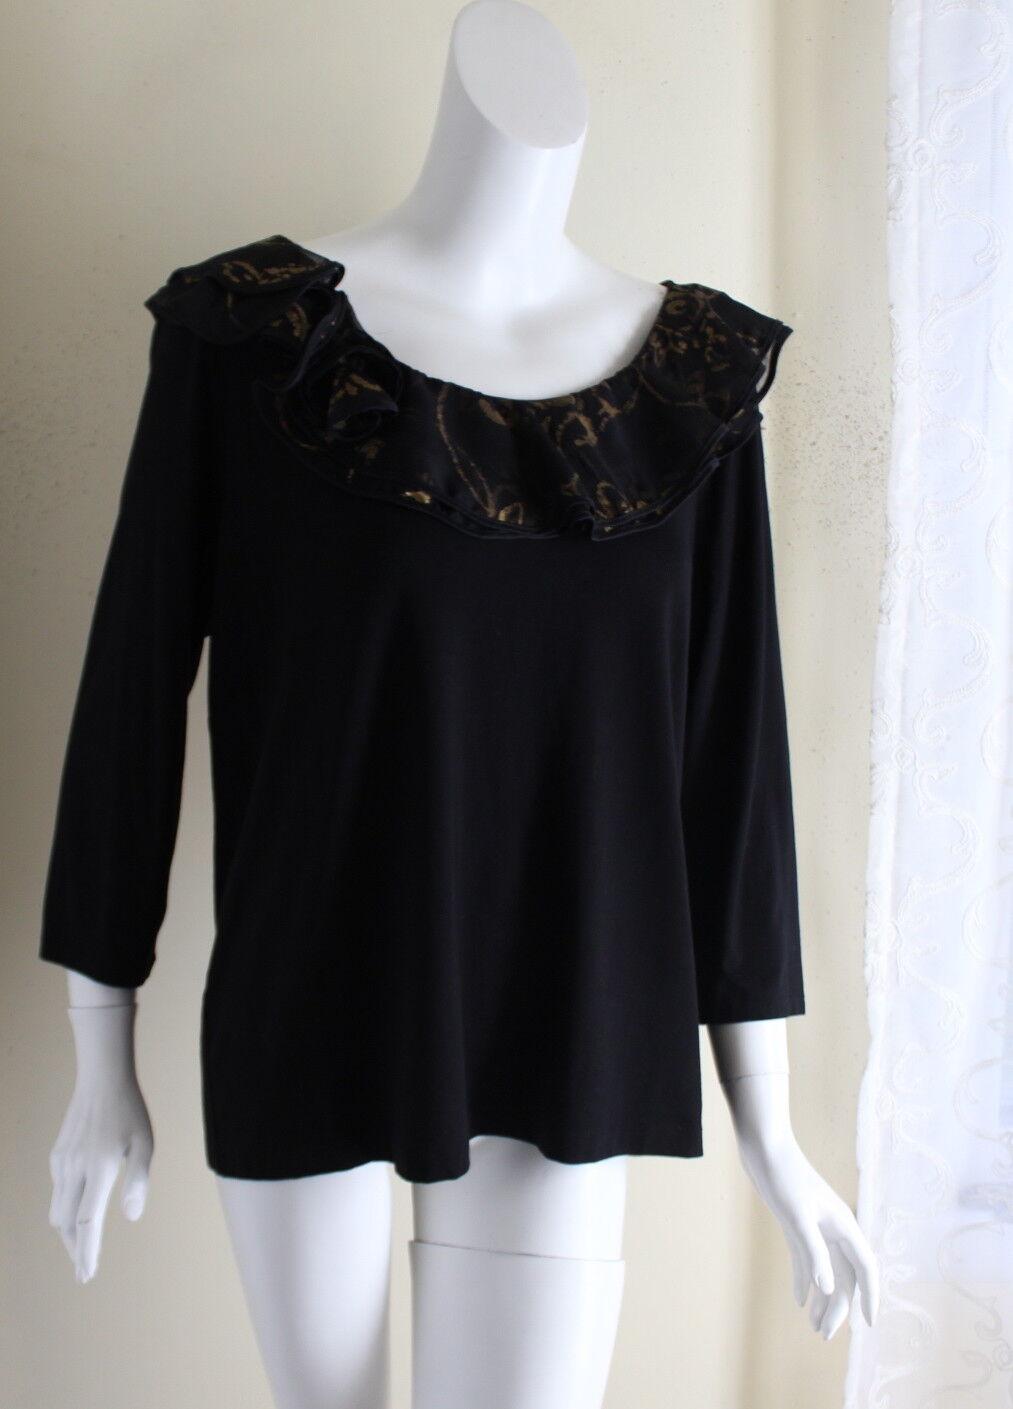 NWT Ralph Lauren -Sz 1X Gorgeous schwarz Ruffled Jersey Knit 3 4 Knit Top Shirt